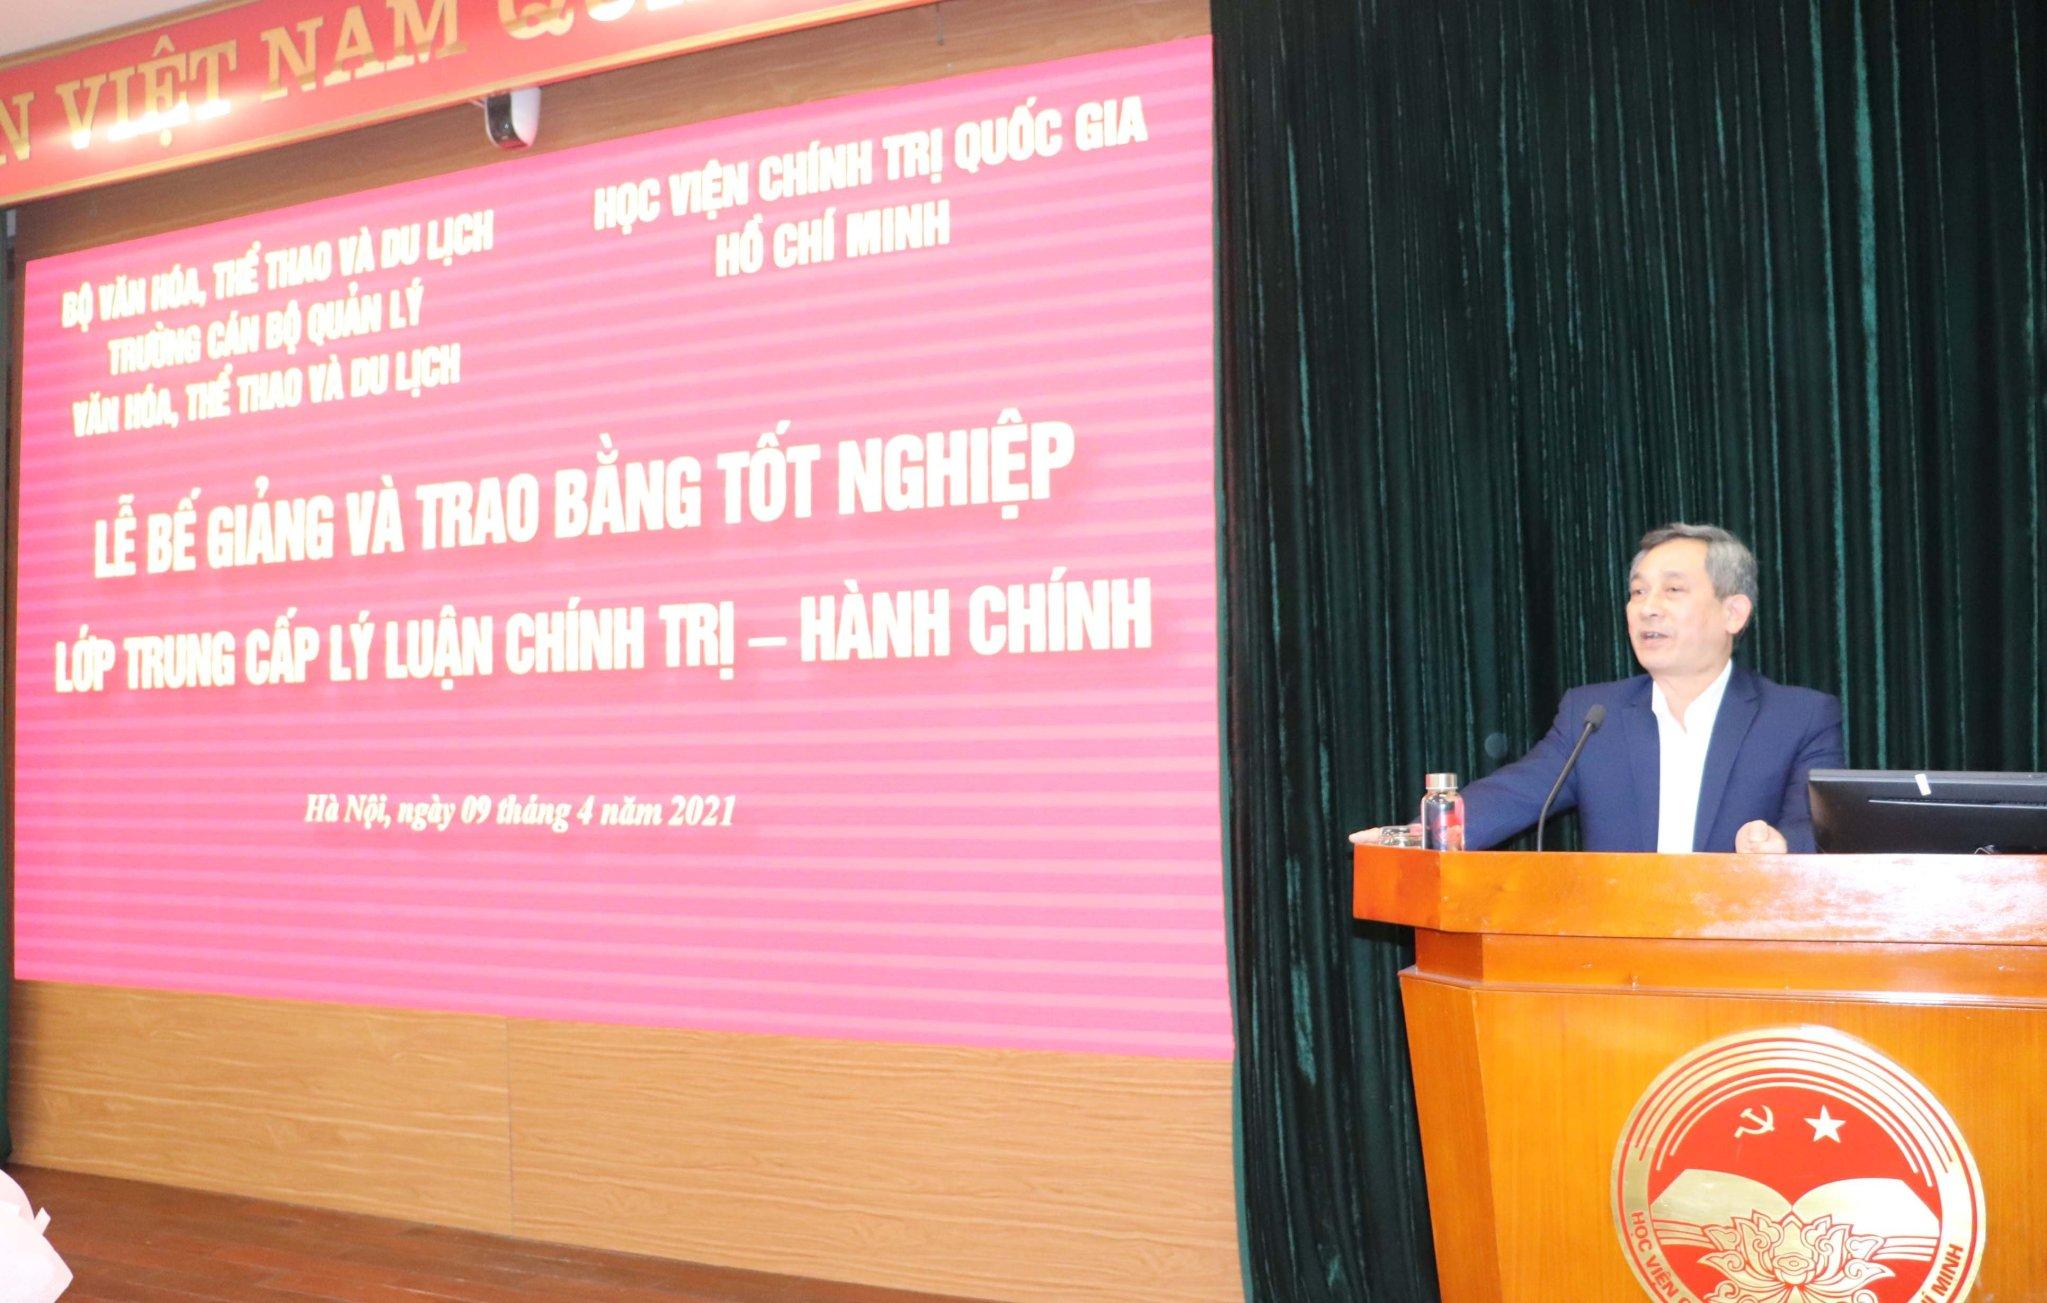 Lễ Bế giảng và trao bằng tốt nghiệp lớp Trung cấp lý luận Chính trị – Hành chính tại Học viện Chính trị quốc gia Hồ Chí Minh